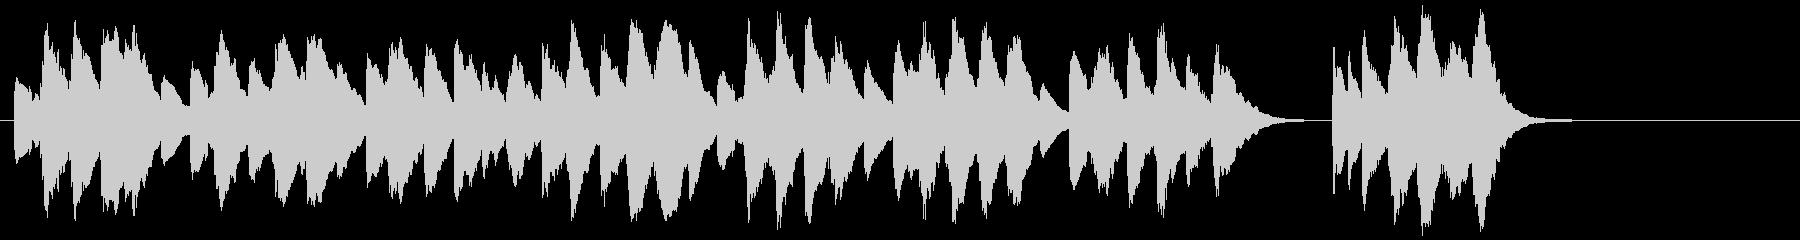 かわいいオルゴール風のハッピバースデーの未再生の波形